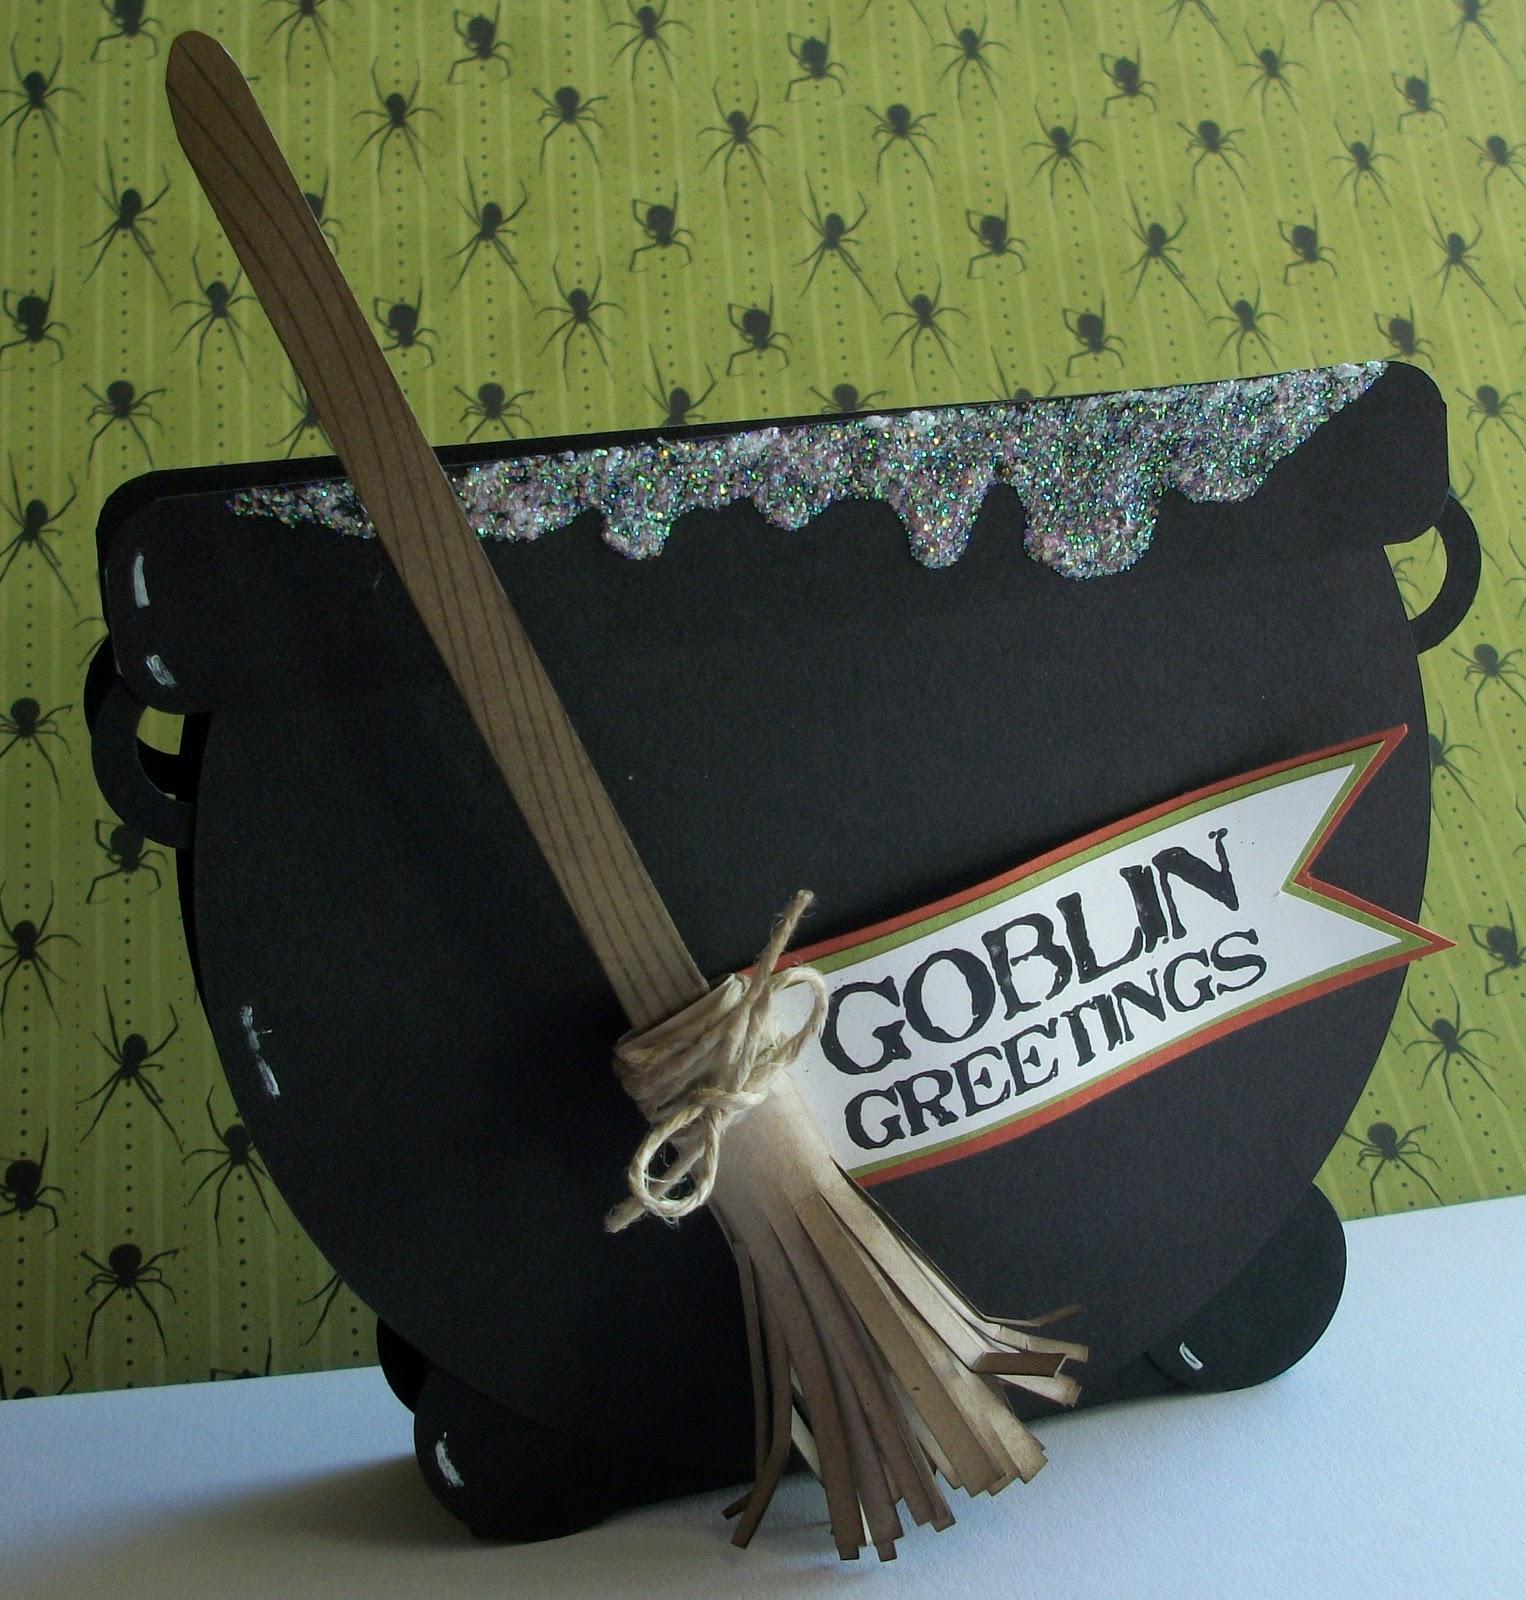 http://1.bp.blogspot.com/-WvLLfJjWwdA/TopOysw2LuI/AAAAAAAAAKc/tebQIZ5tUc8/s1600/cauldron+side.JPG